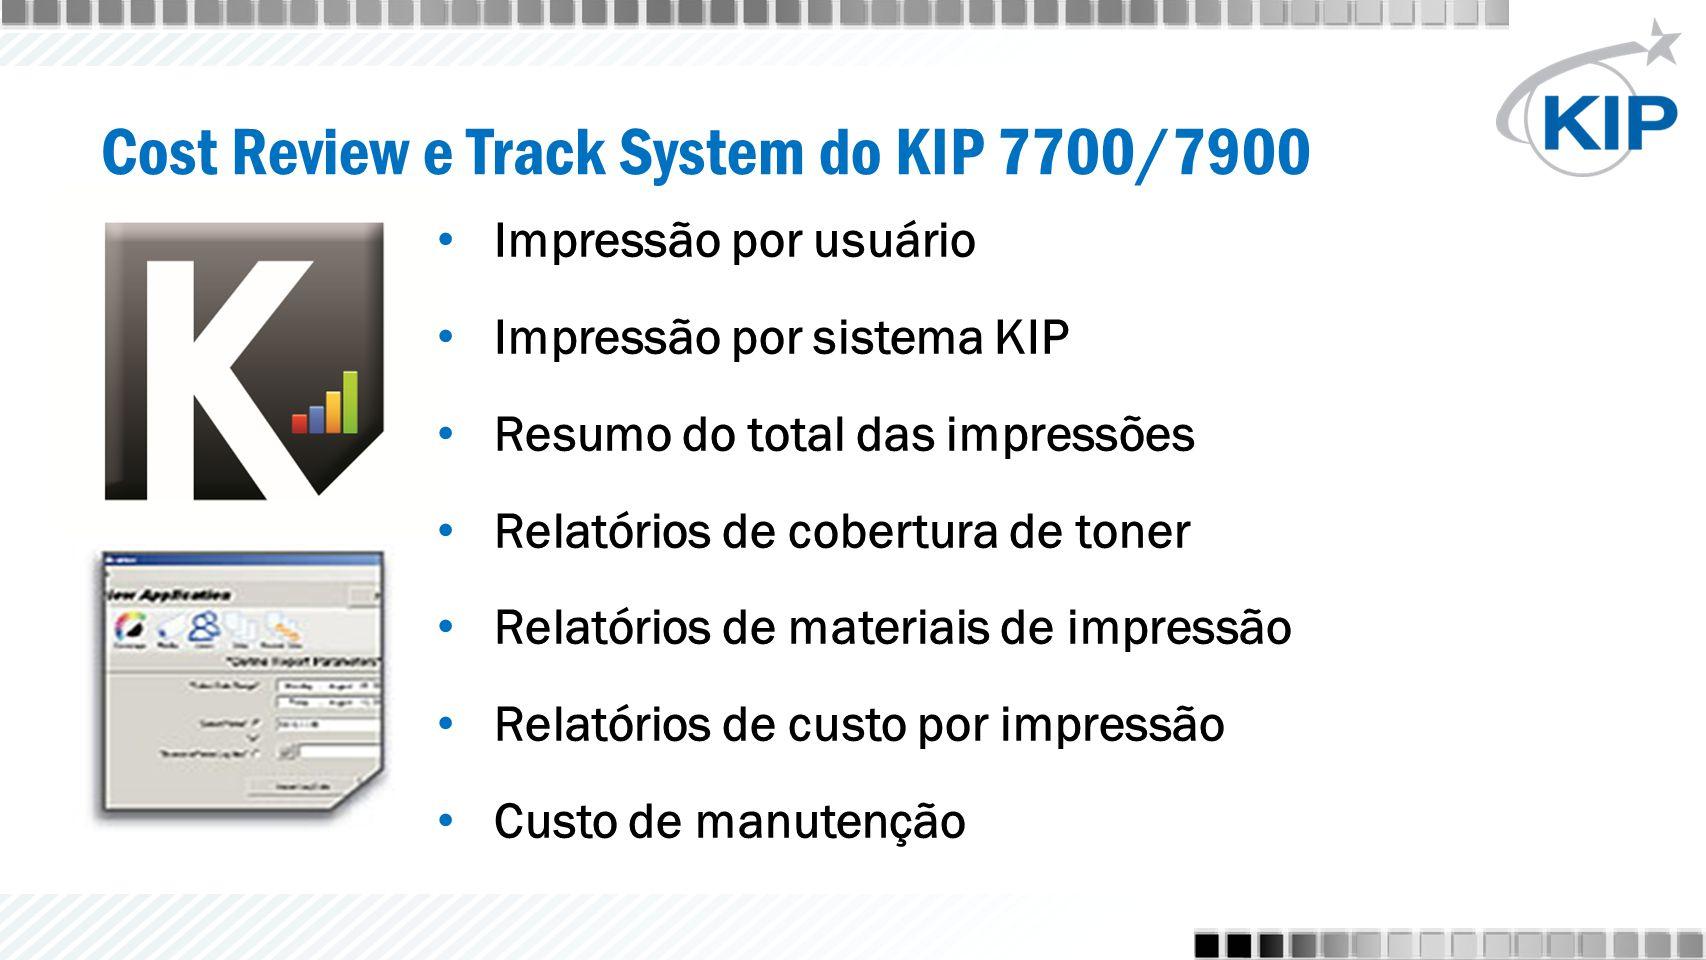 Impressão por usuário Impressão por sistema KIP Resumo do total das impressões Relatórios de cobertura de toner Relatórios de materiais de impressão Relatórios de custo por impressão Custo de manutenção